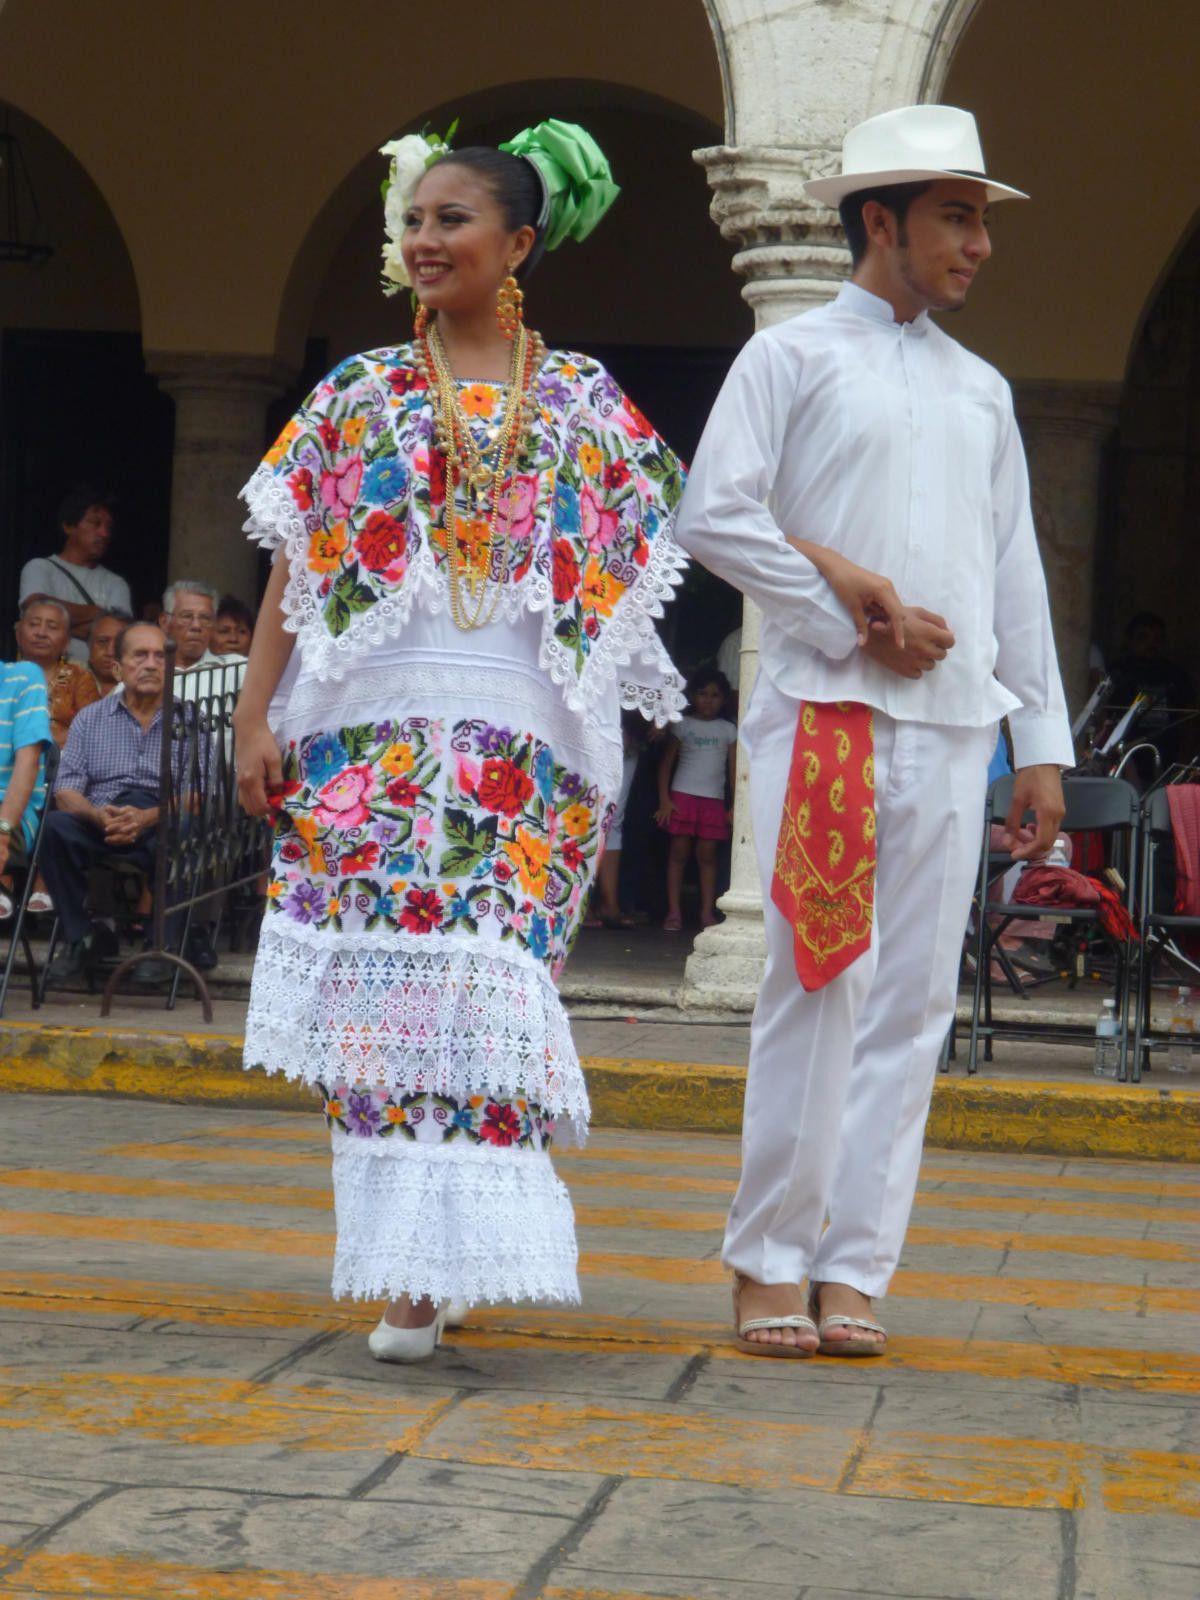 Mujer De Traje Tipico De Yucatan